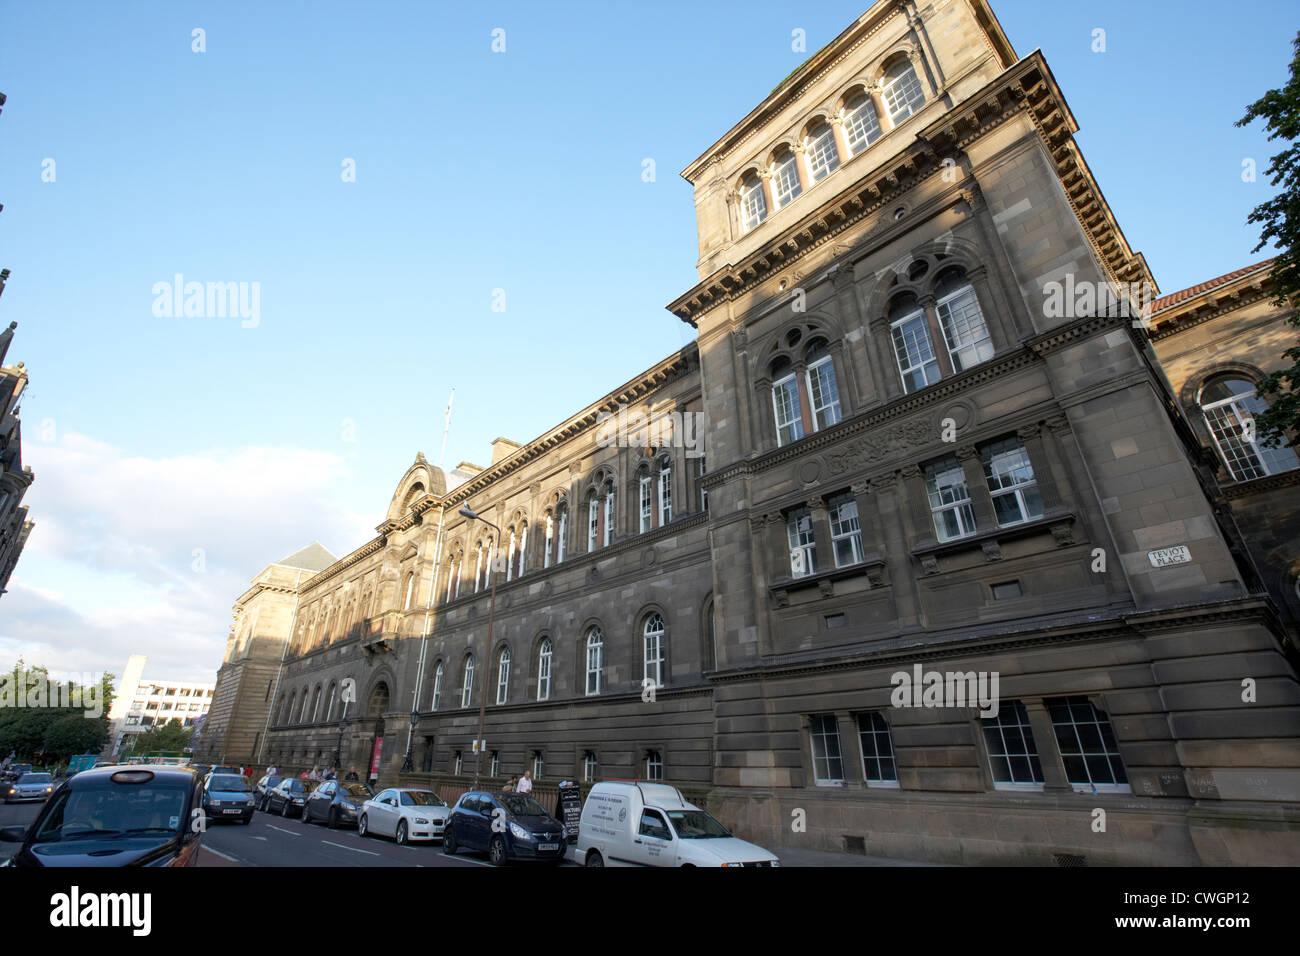 university of edinburgh medical school on teviot place, scotland, uk, united kingdom - Stock Image